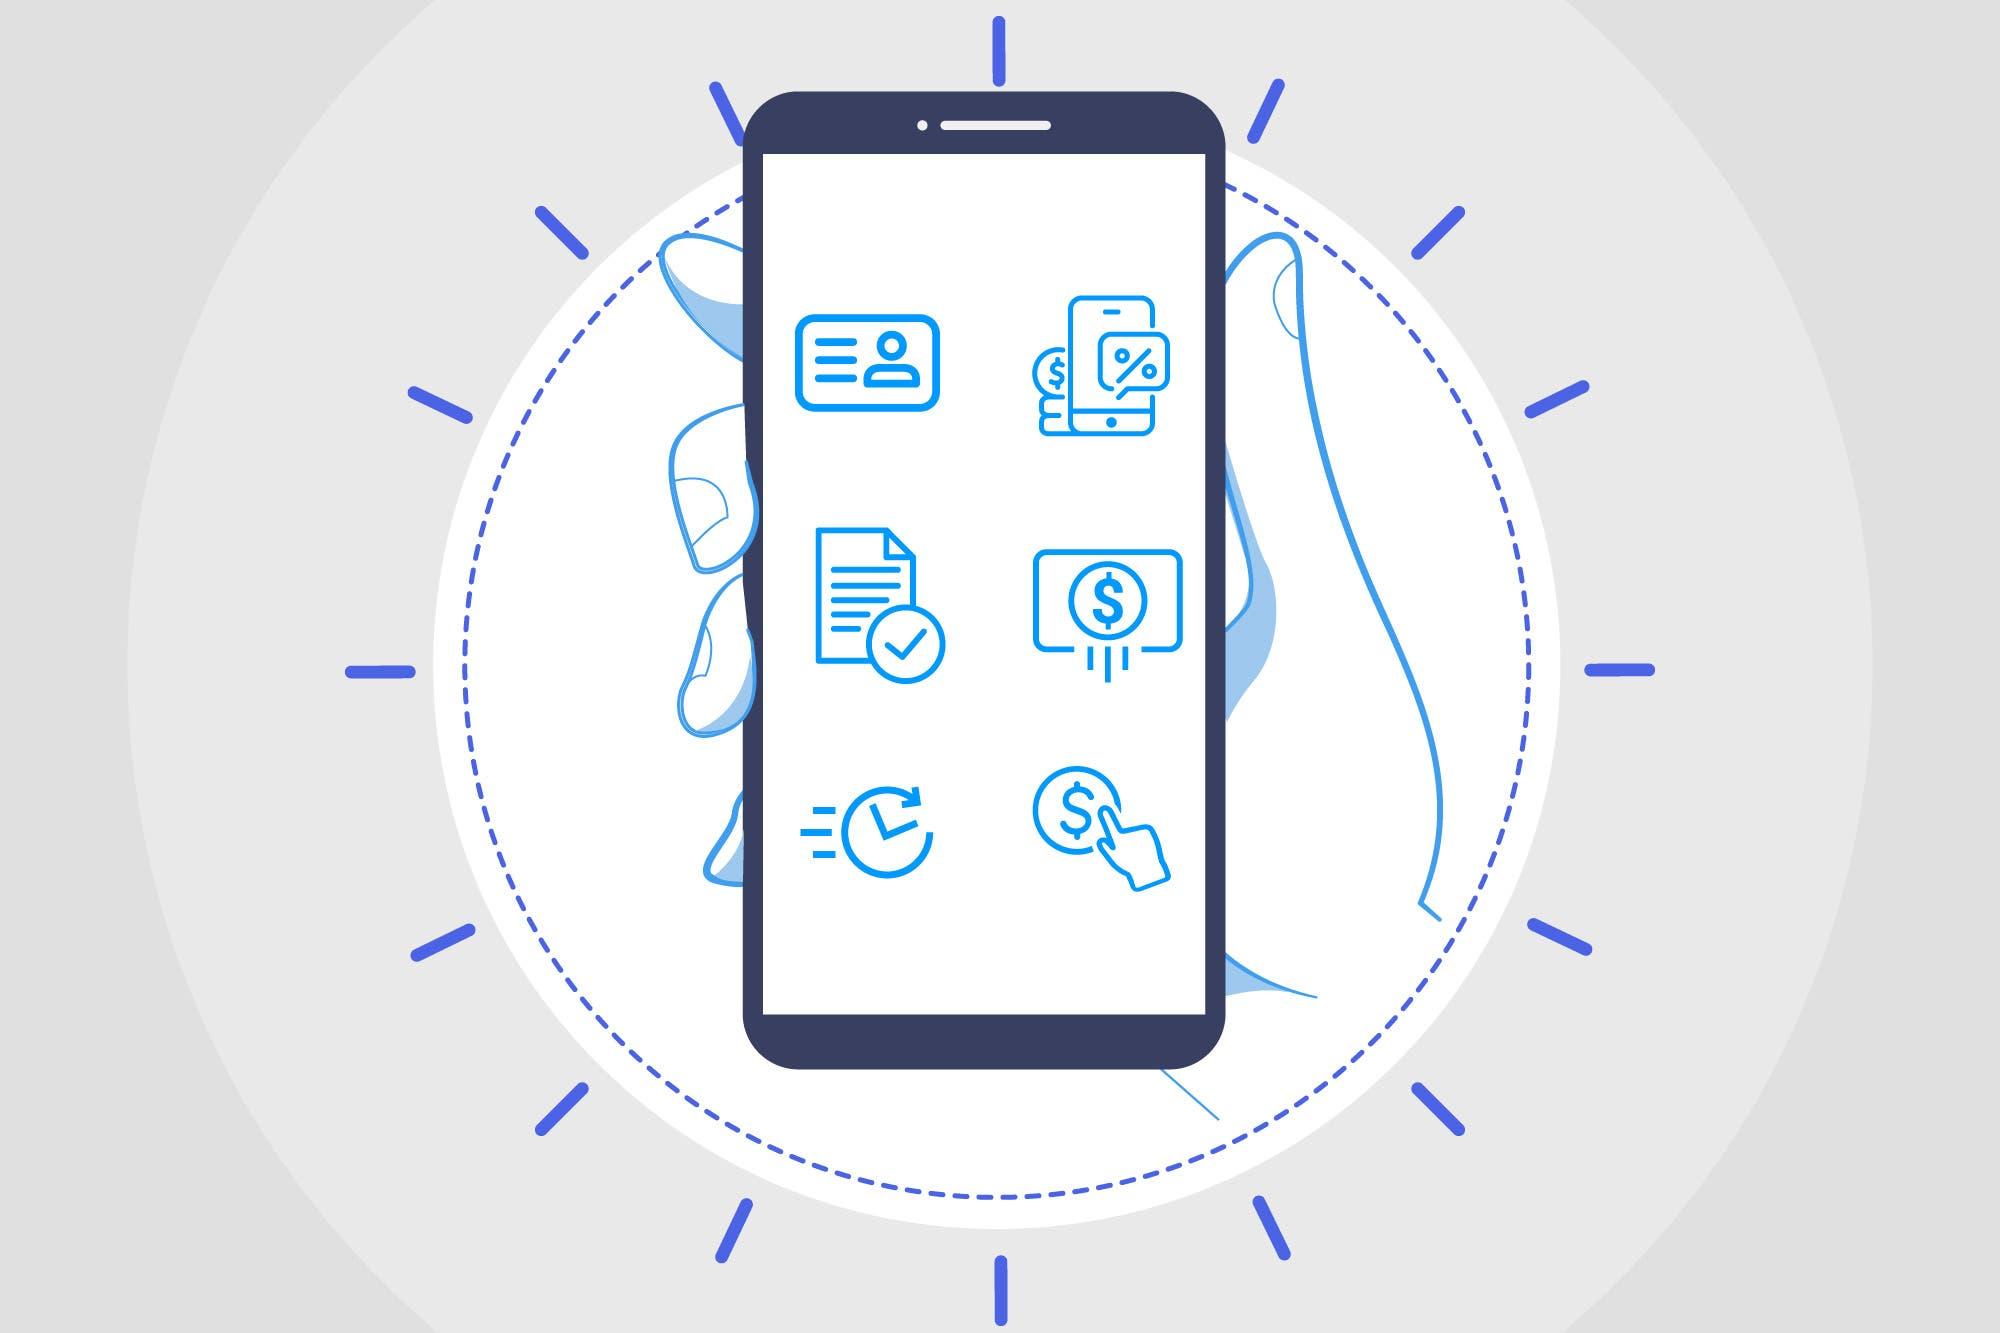 Marketplace de servicios financieros: una alternativa ágil, simple y gratuita